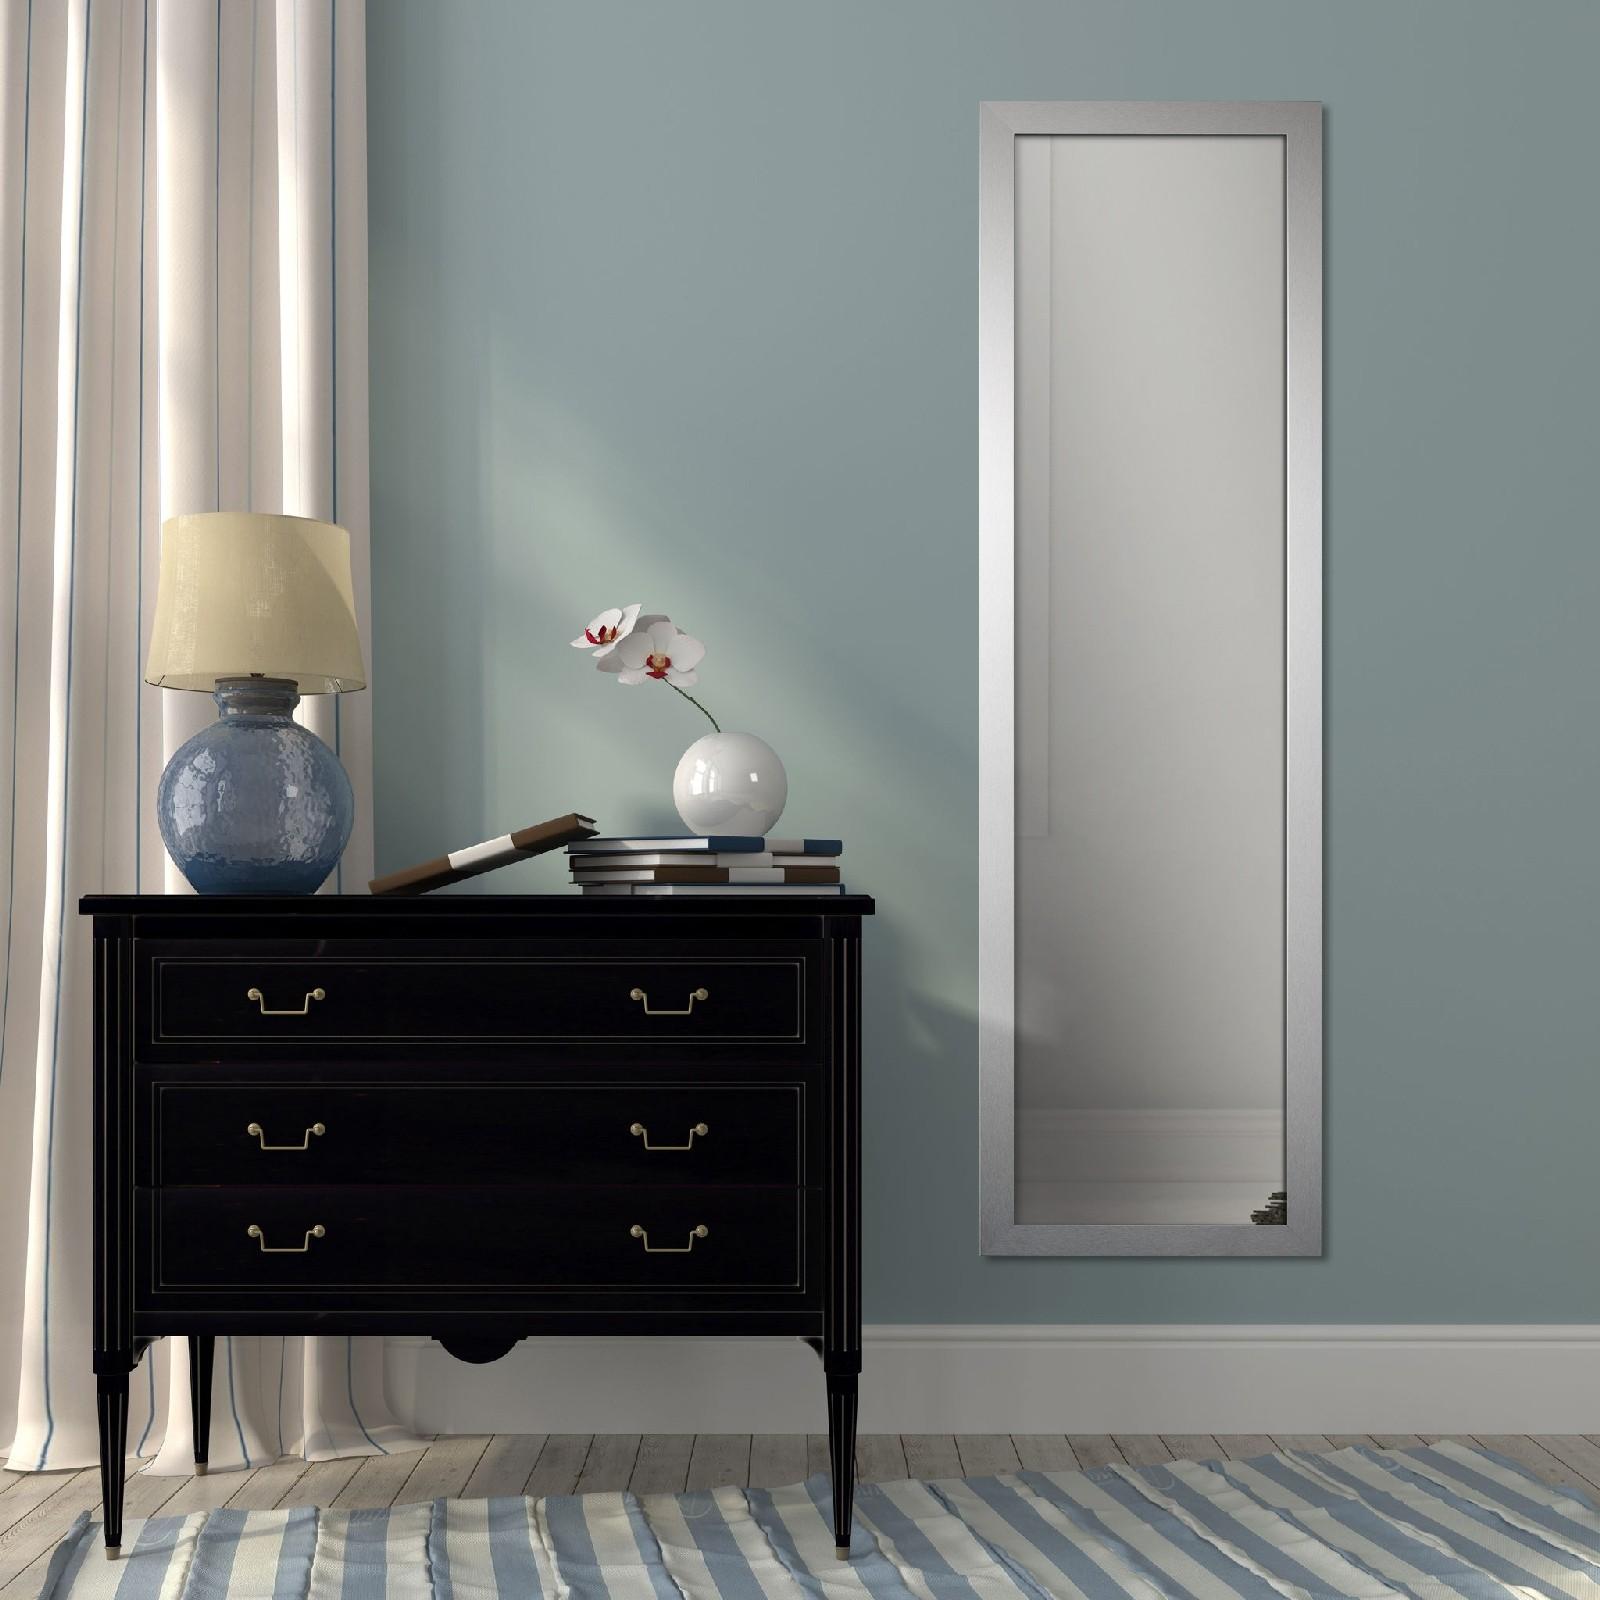 miroir stockton -